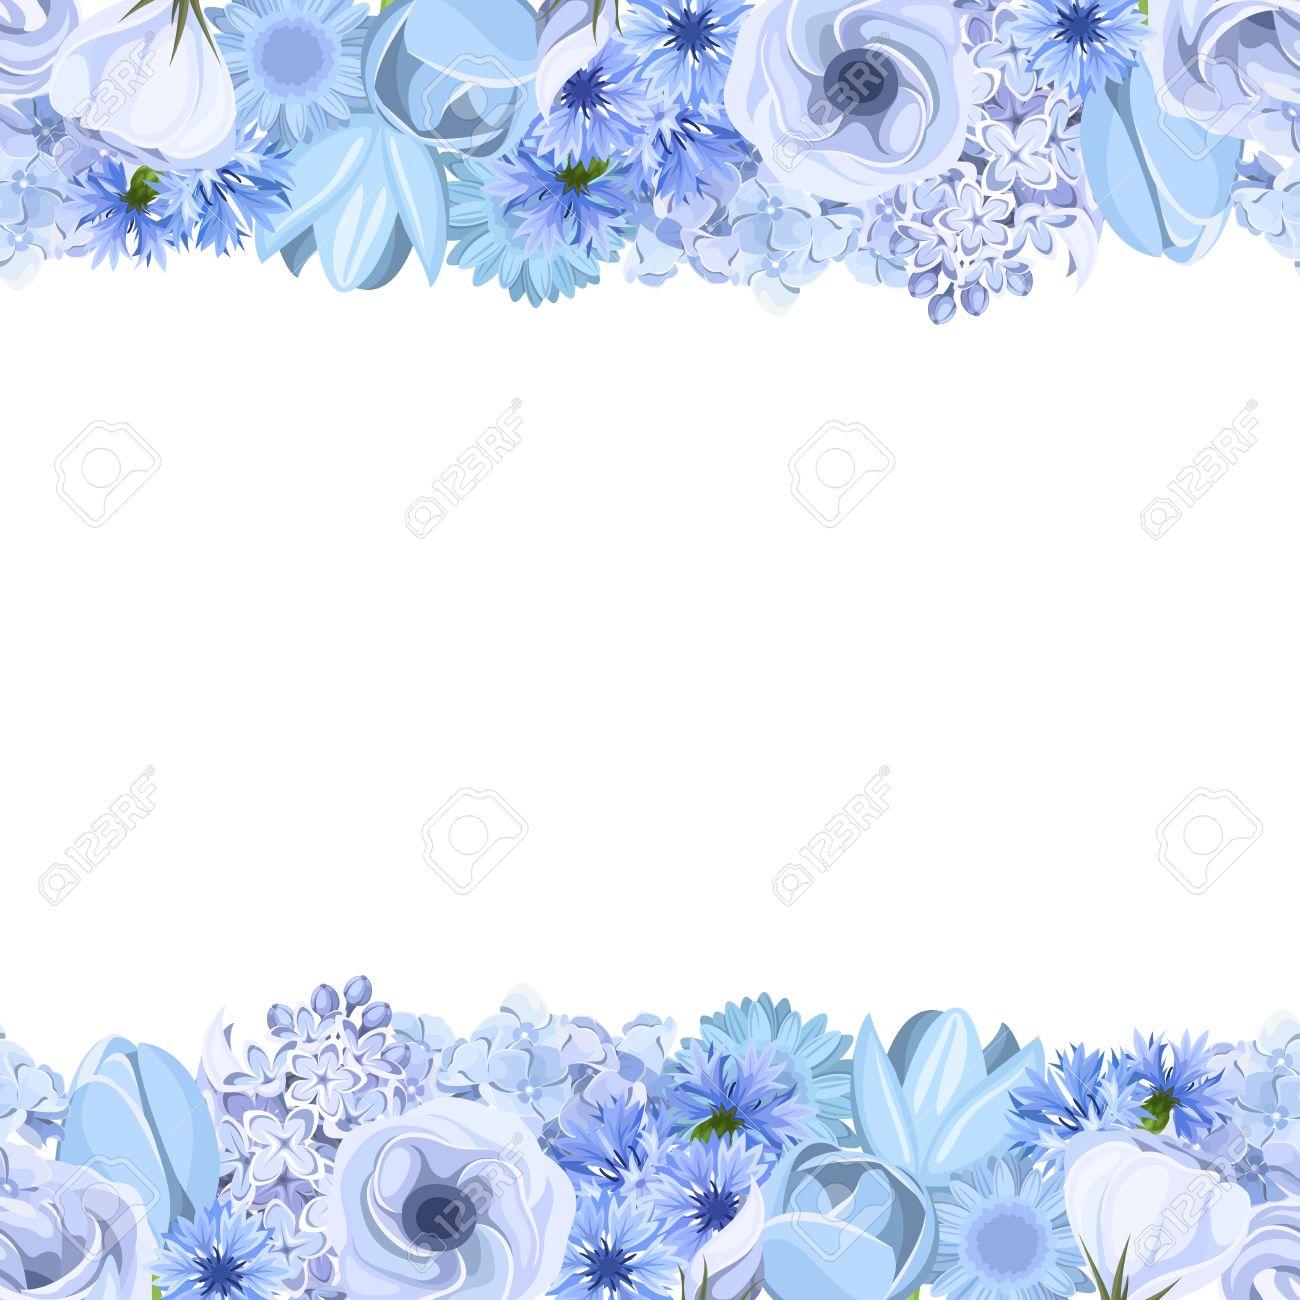 De Fondo Sin Fisuras Horizontales Con Flores Azules Ilustracion Del